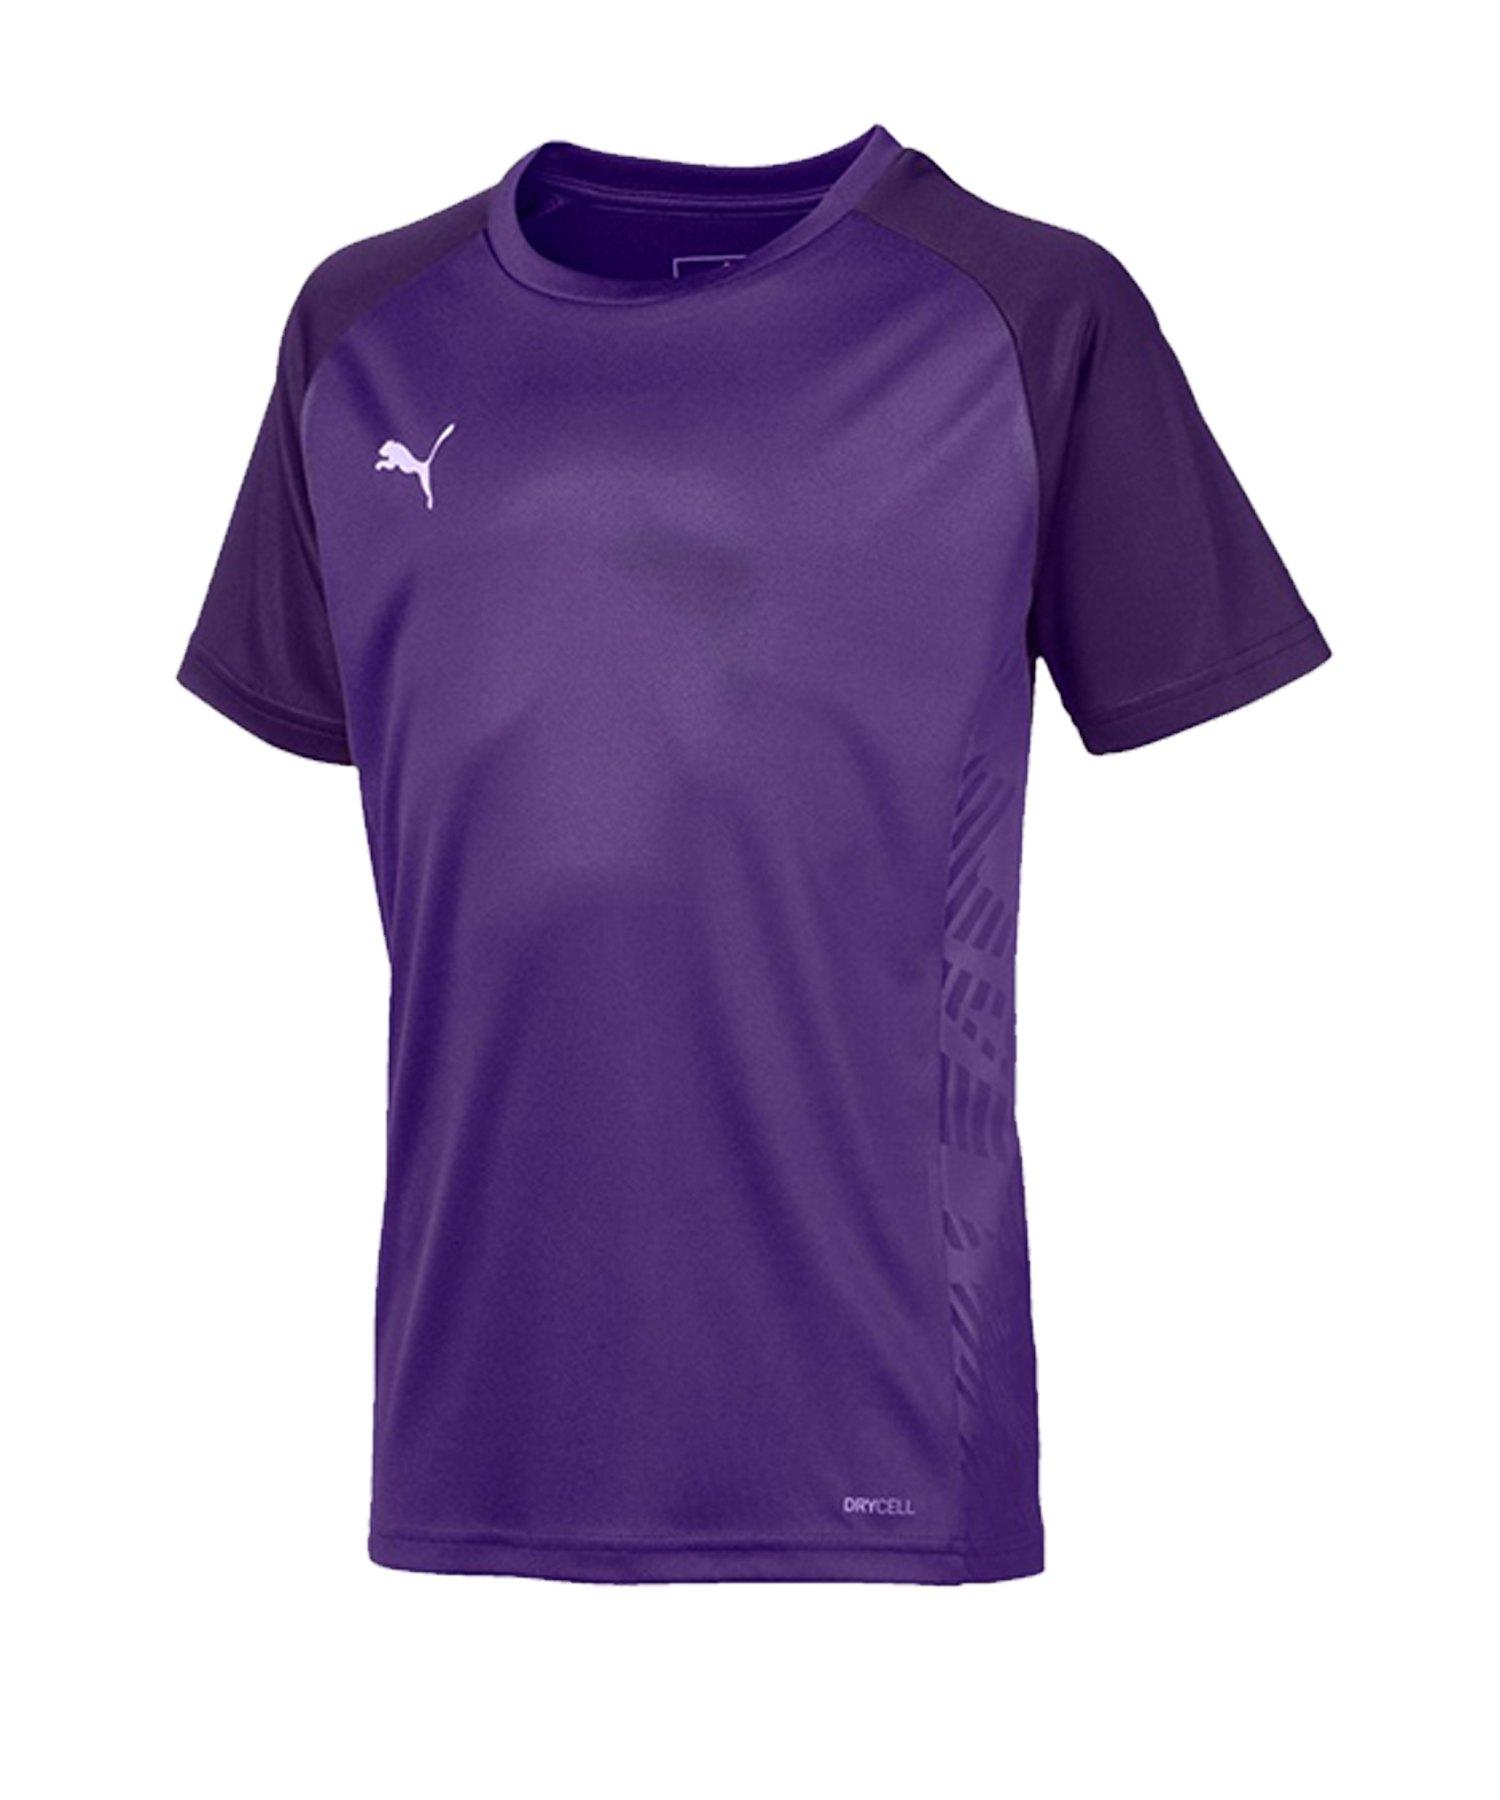 PUMA CUP Sideline Core T-Shirt Kids Lila F10 - lila